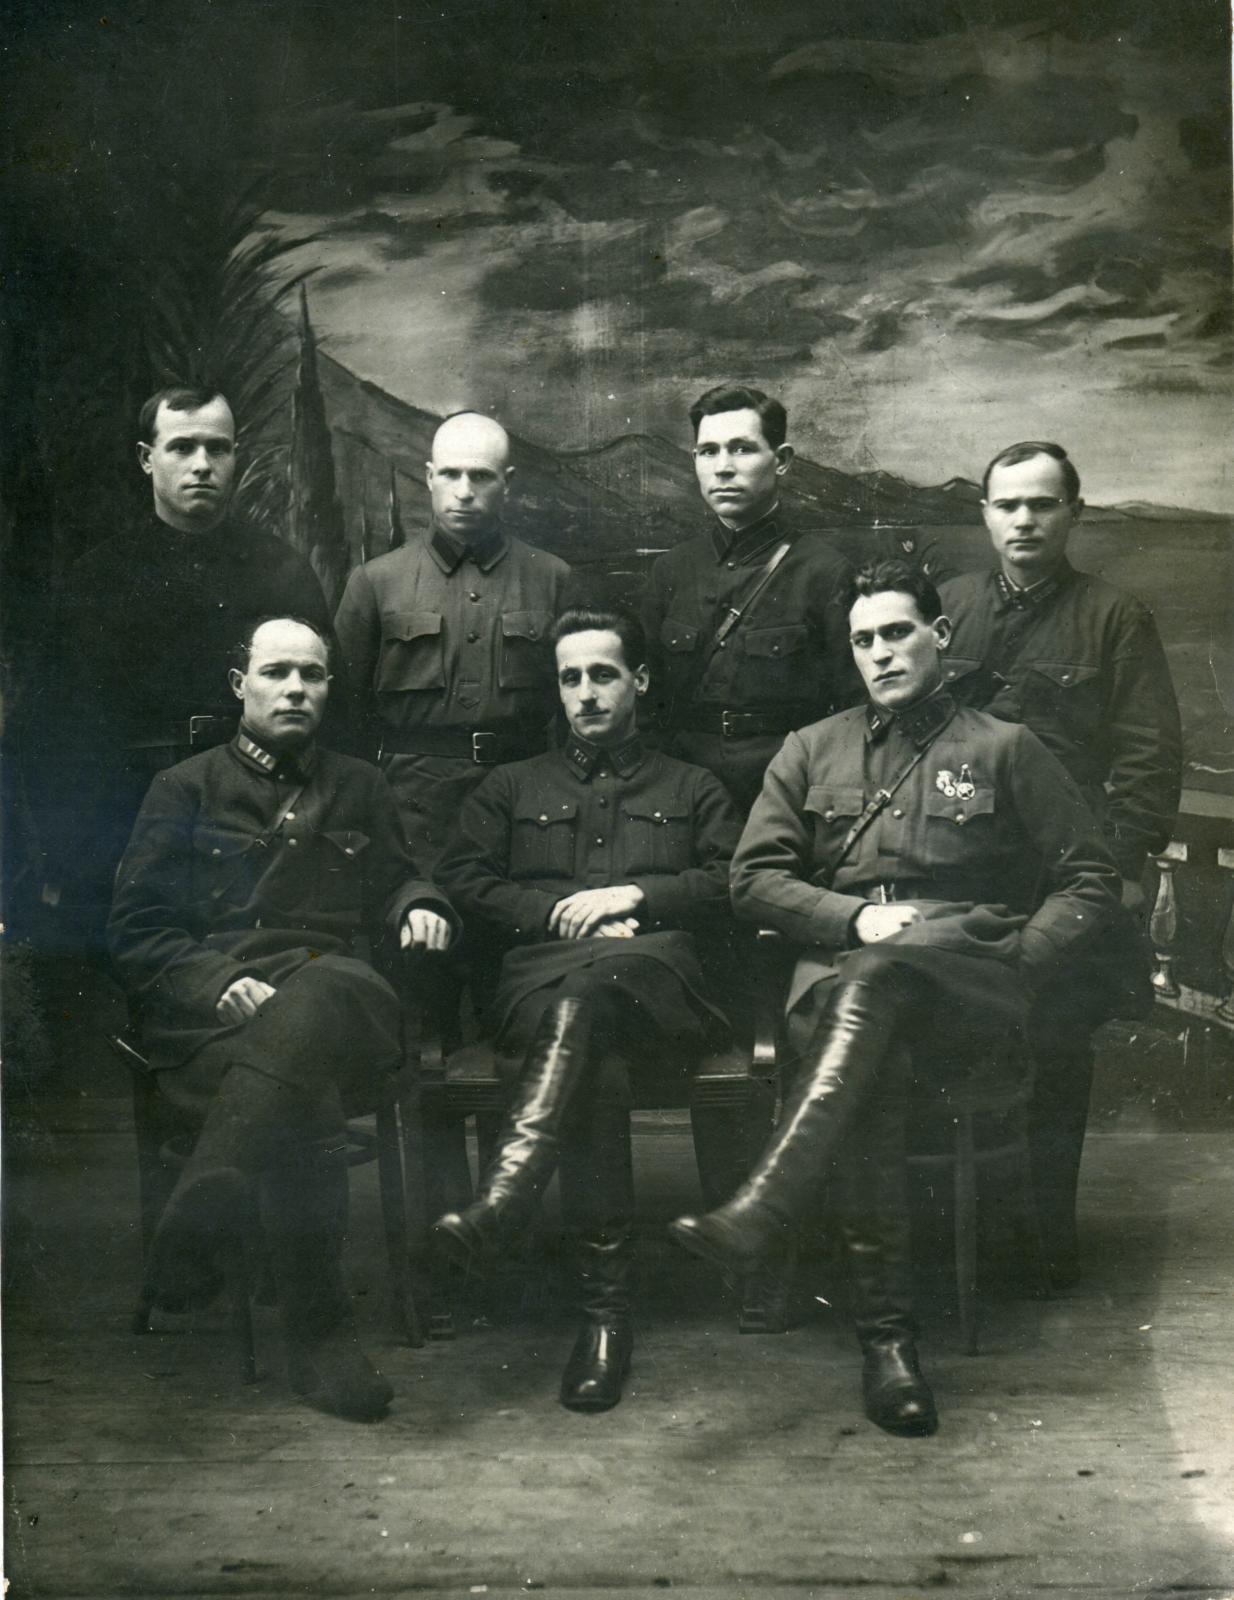 1930-е. Группа сотрудников Раненбургского райотдела ОГПУ